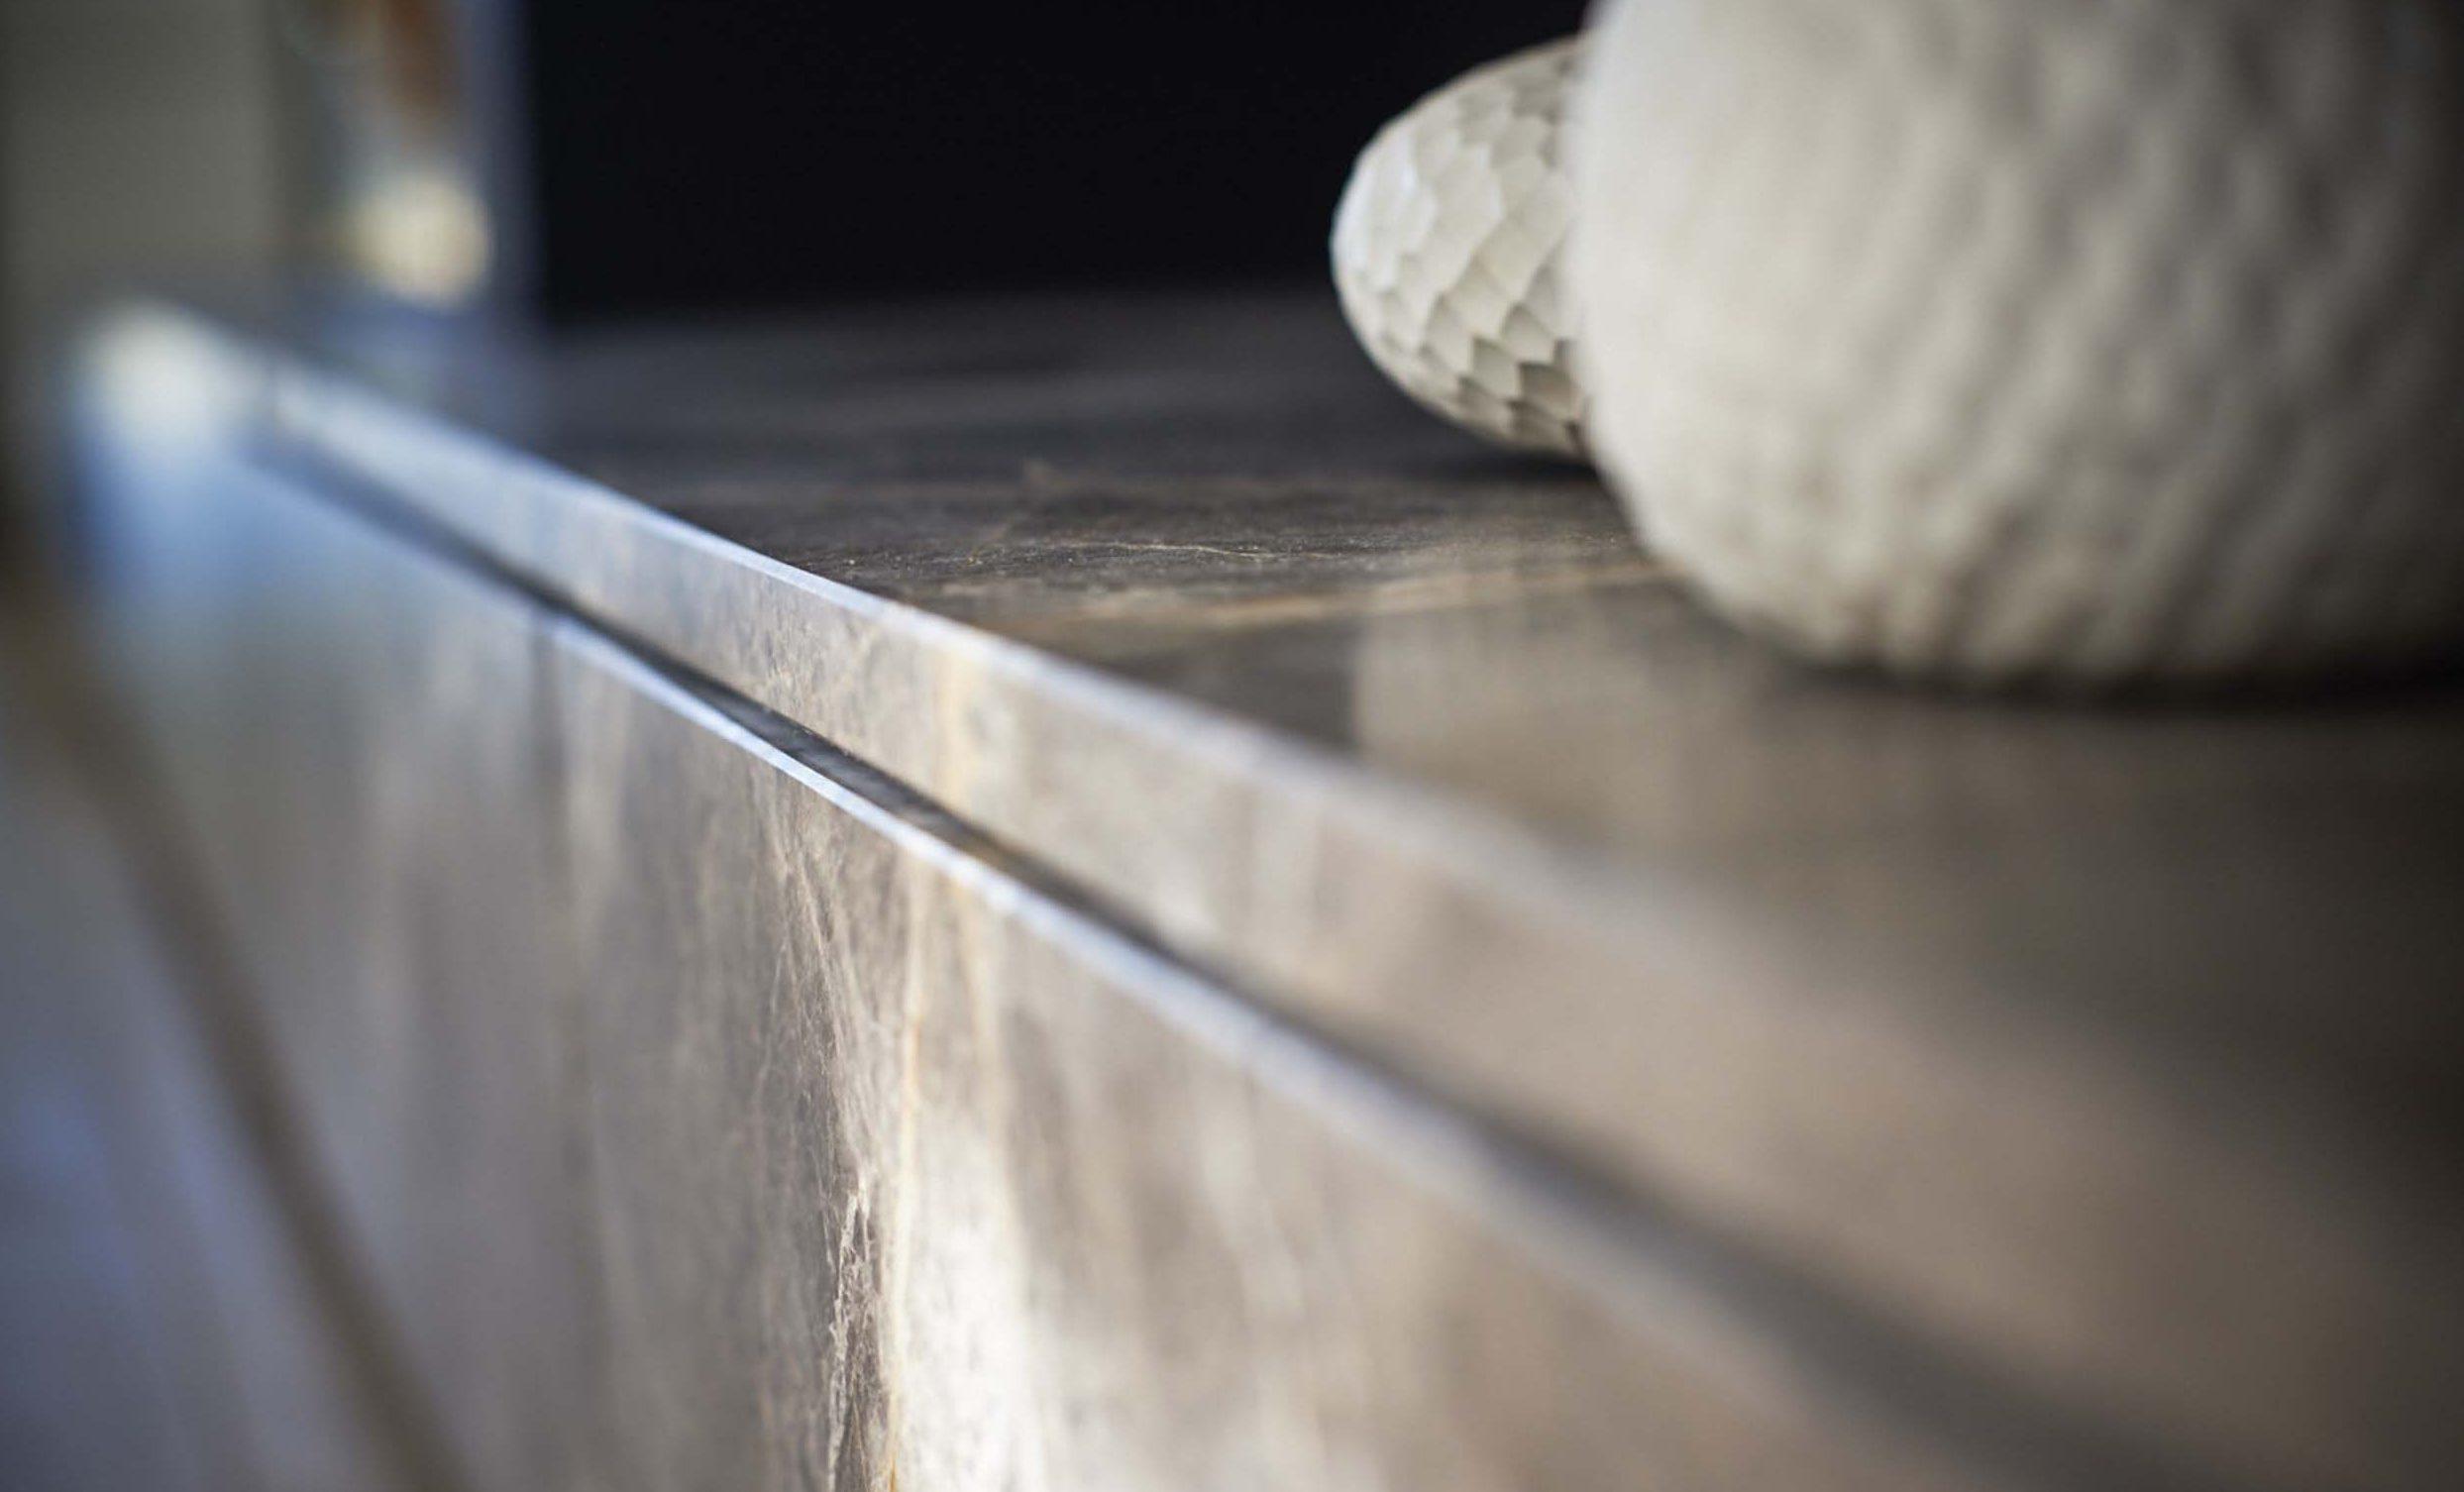 Vanda-projects-interieurinrichting-meubelmakerij-oost-vlaanderen-mortier-fijn